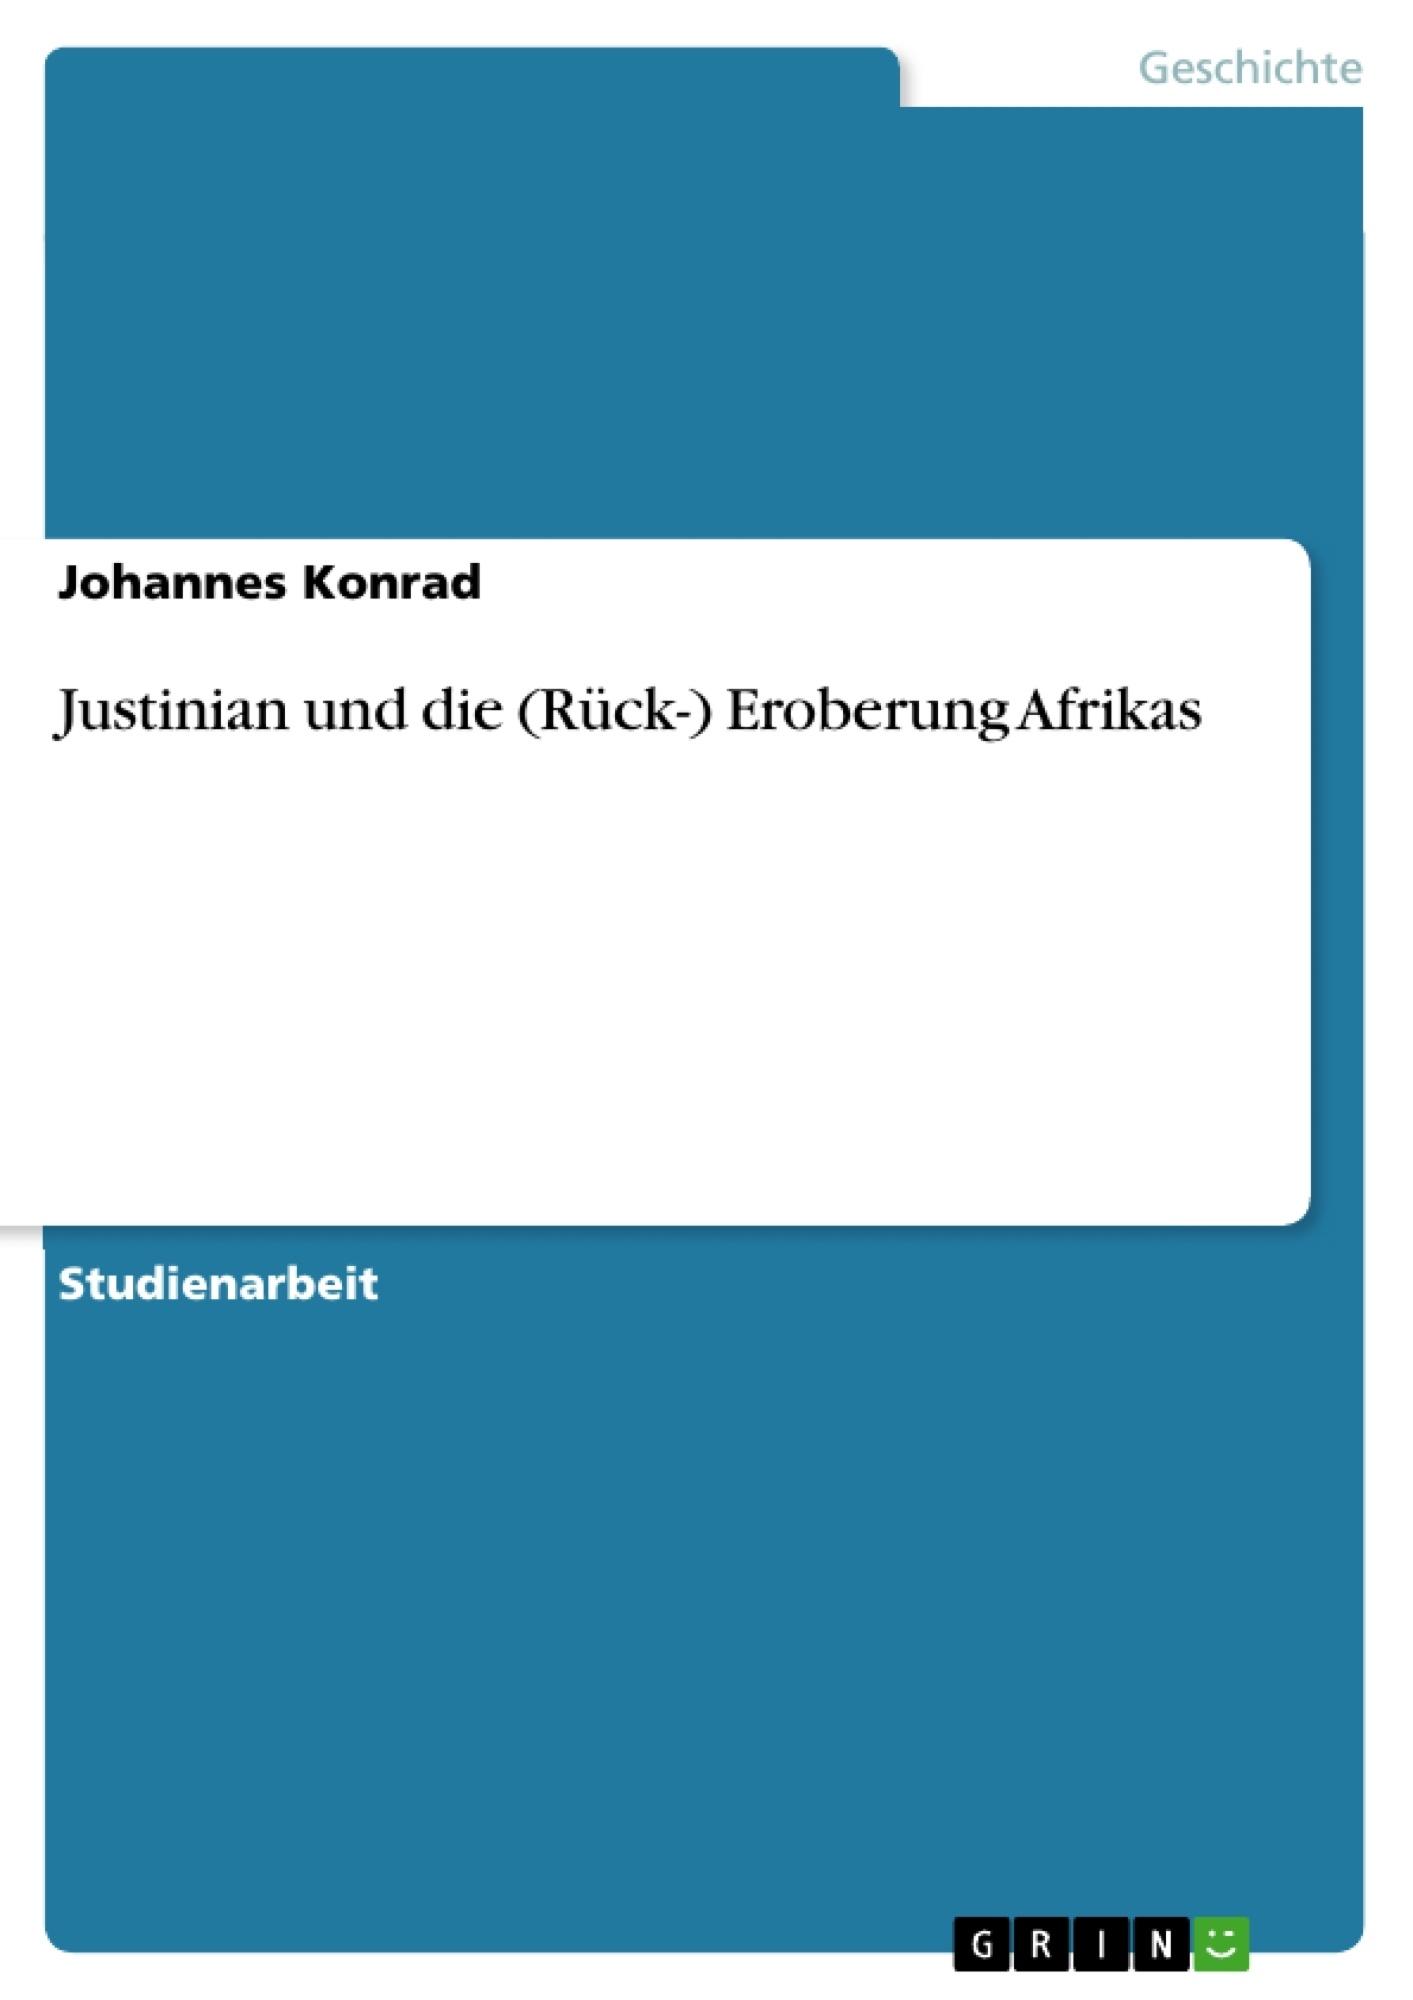 Titel: Justinian und die (Rück-) Eroberung Afrikas